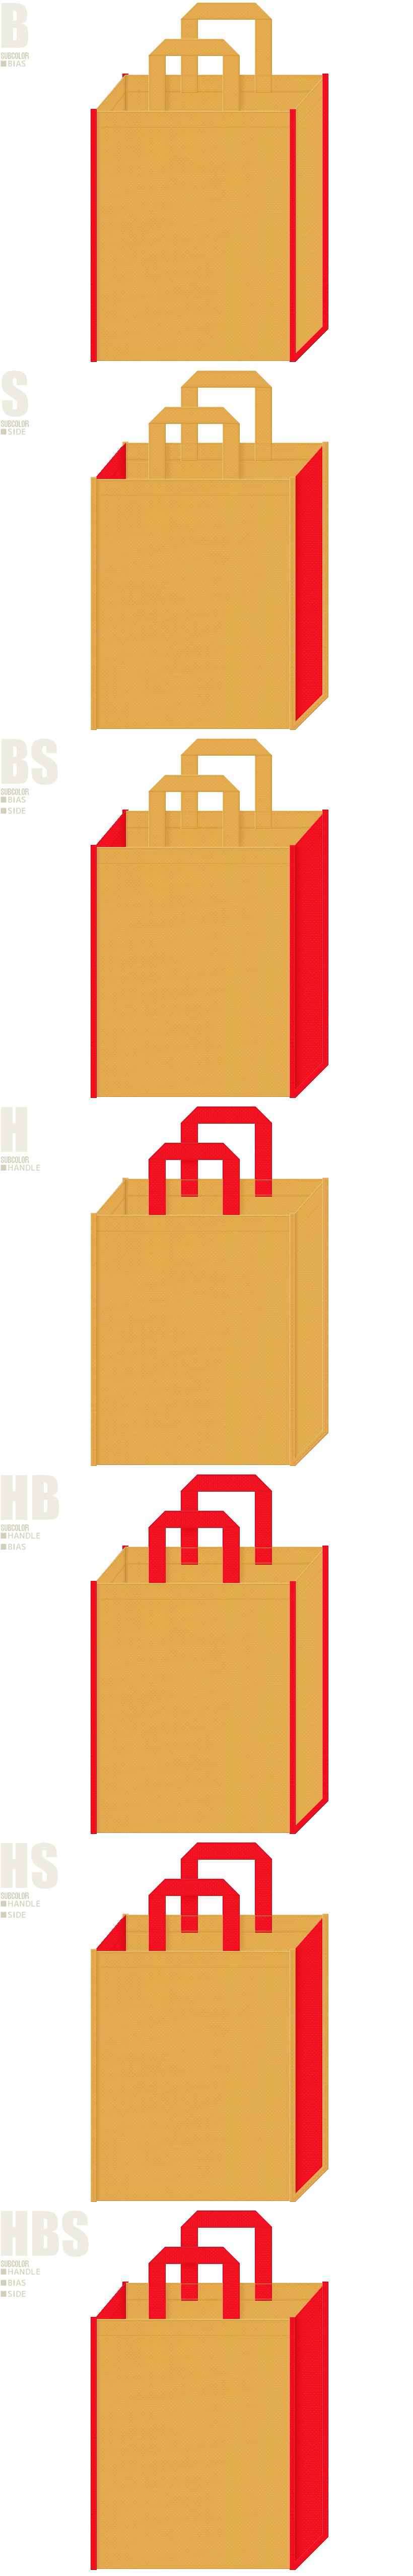 黄土色と赤色、7パターンの不織布トートバッグ配色デザイン例。